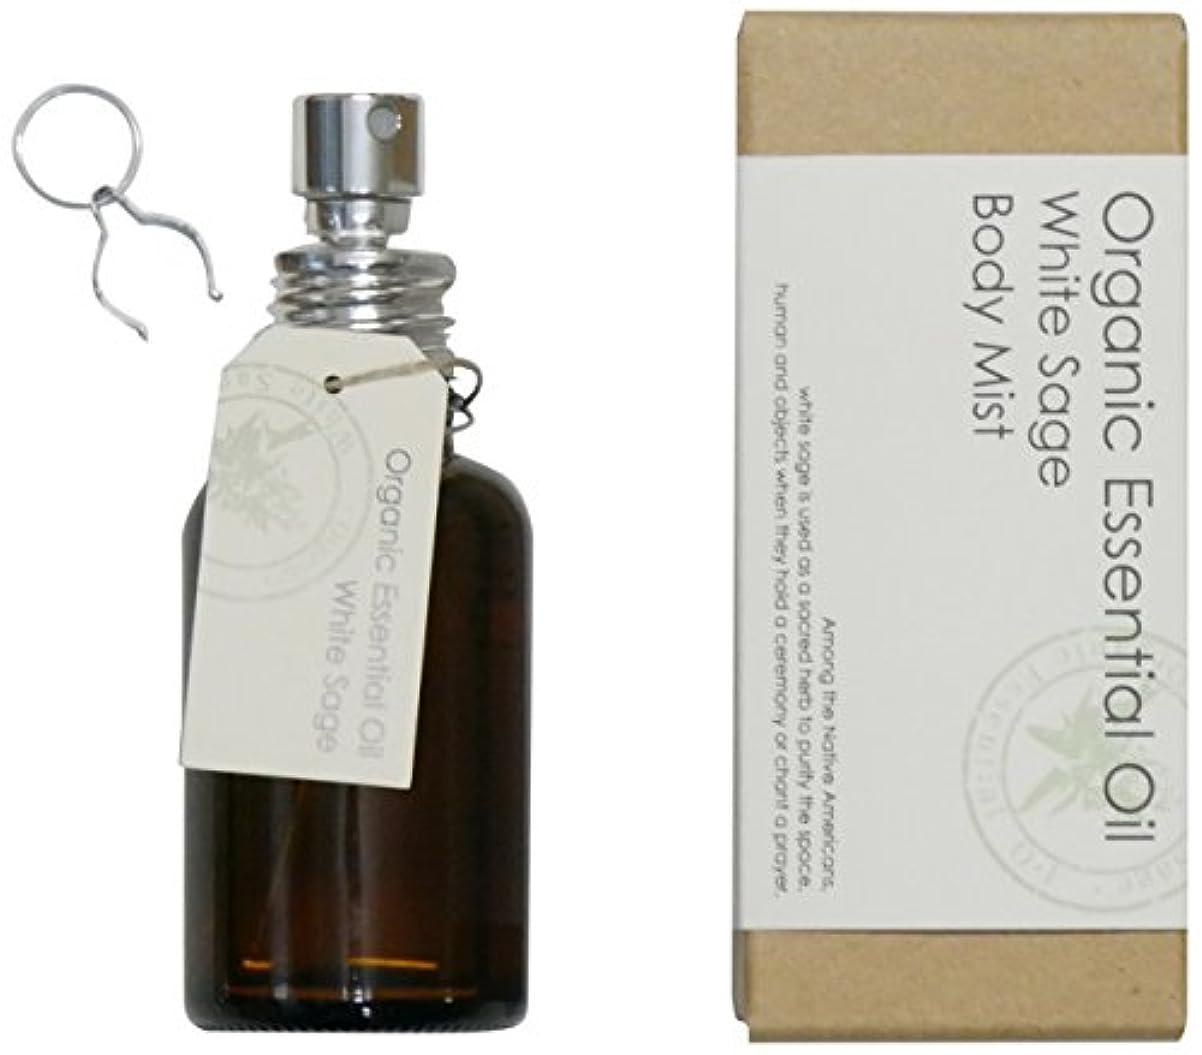 ラメバイナリ健全アロマレコルト ボディミスト ホワイトセージ 【White Sage】オーガニック エッセンシャルオイル organic essential oil natural body mist arome recolte